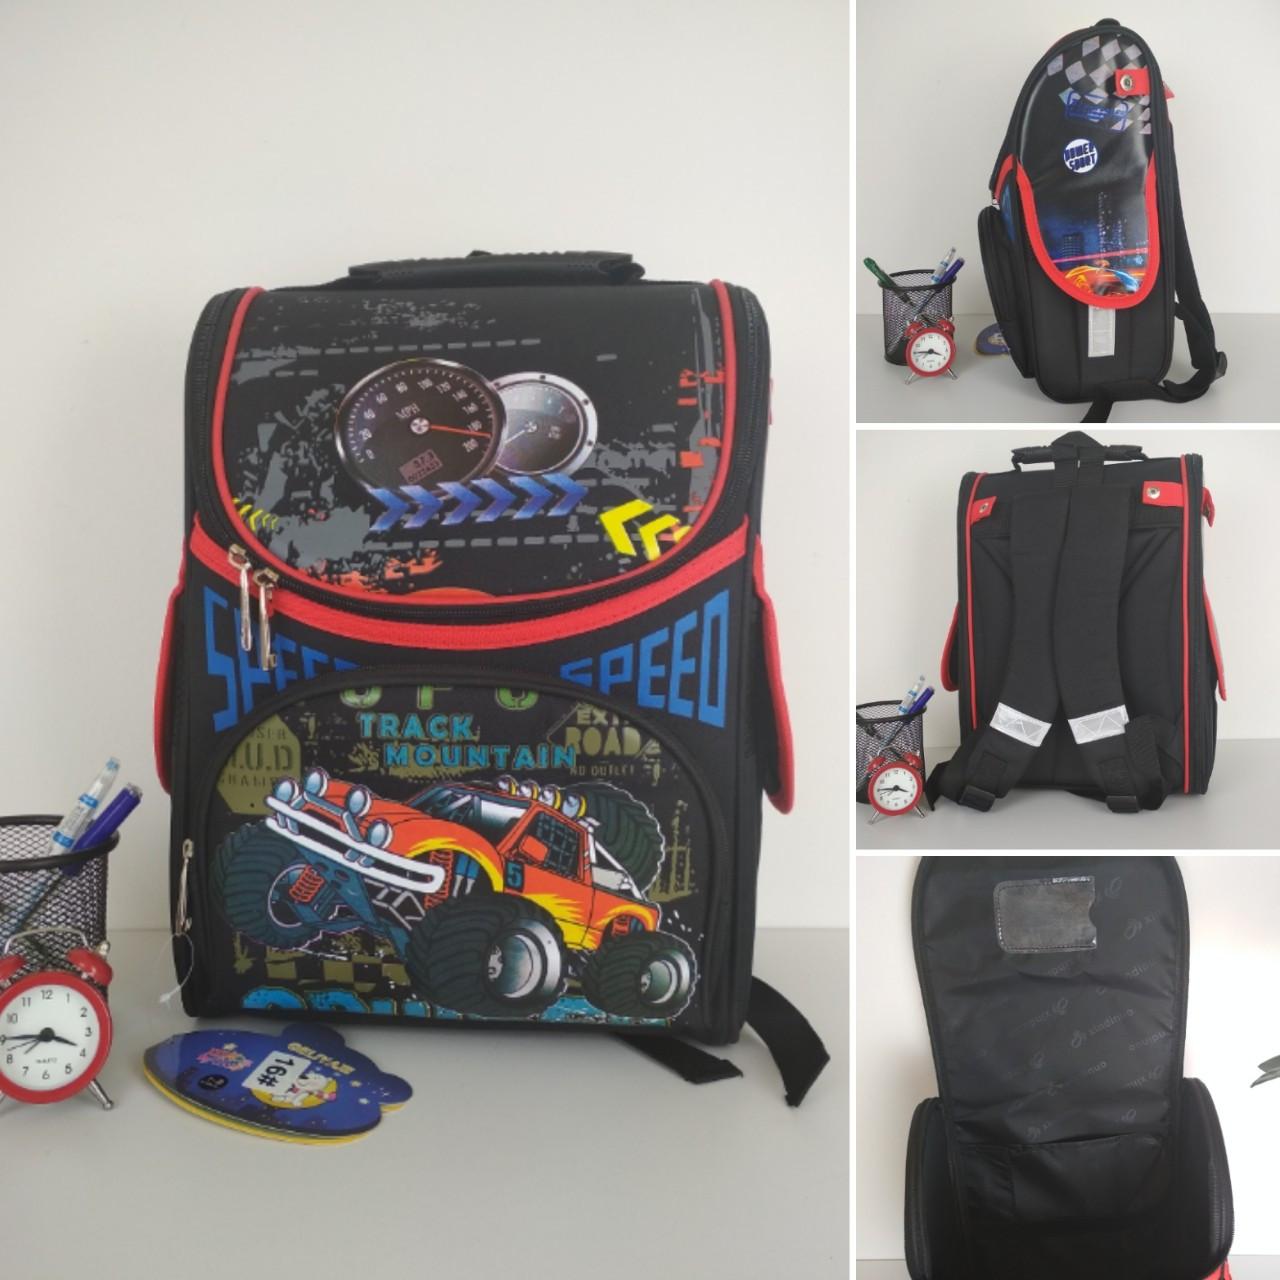 Ортопедический каркасный рюкзак Track Mountain для мальчика 34*25*15 см